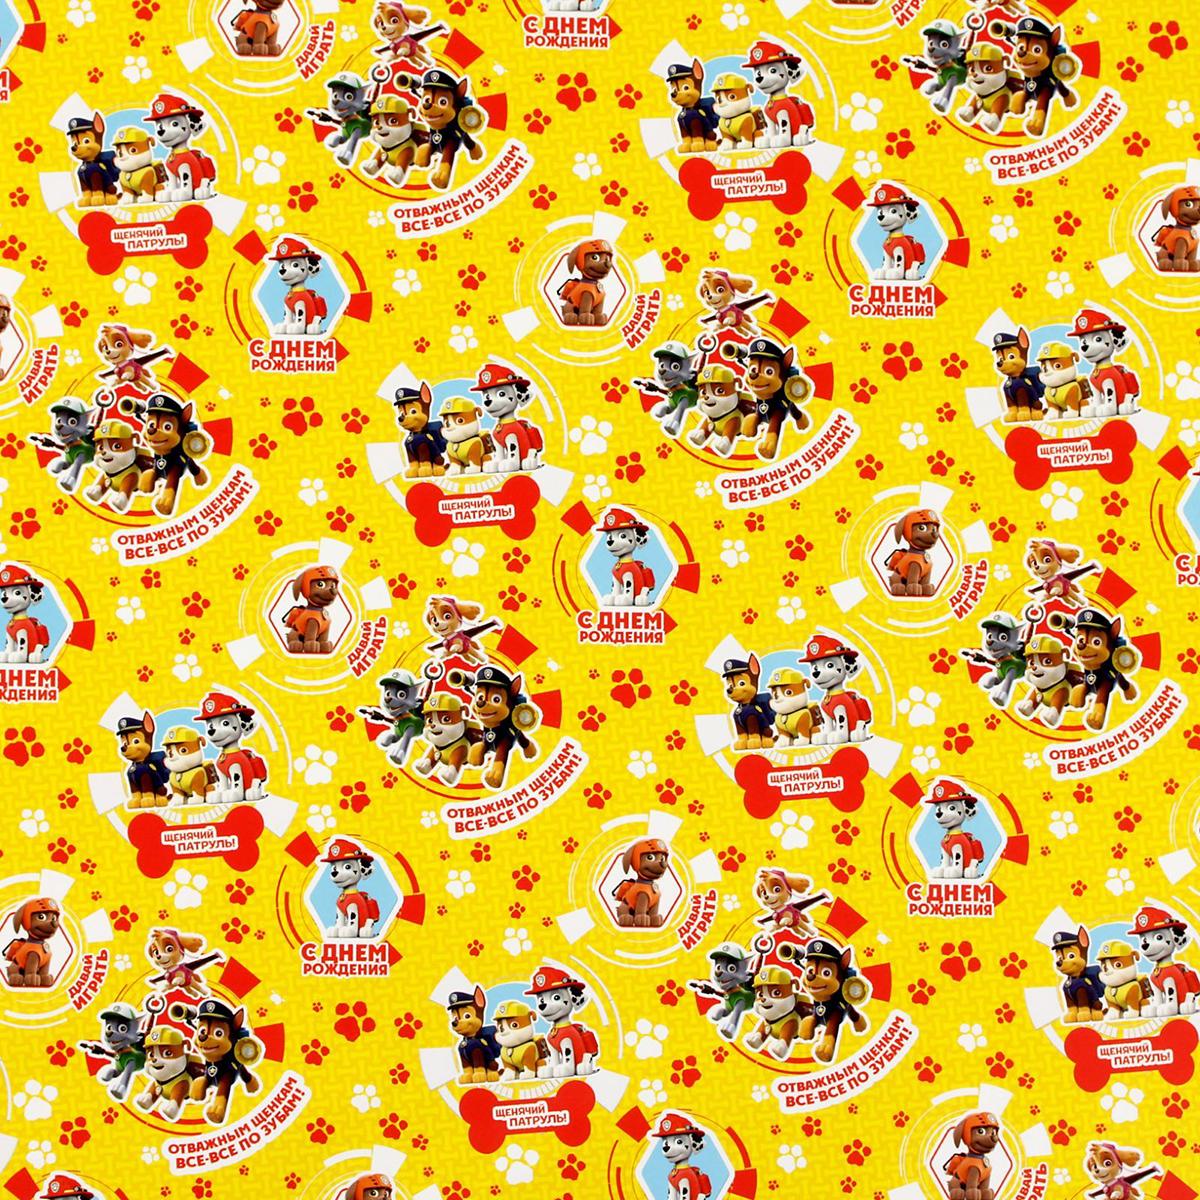 Бумага упаковочная Paw Patrol С Днем Рождения! Все по зубам!, глянцевая, 70 х 100 см. 25864452586445Отряд щенков к делу готов! Любимые персонажи в эксклюзивном дизайне нашей собственной разработки превращают любое изделие в современное произведение искусства. Подарочная глянцевая бумага отличается высоким качеством печати и плотностью материала, что делает её удобной в вопросе оформления подарков. Такая упаковка всегда будет актуальна, ведь прелестные щенята из знаменитого мультсериала никого не оставят равнодушным!